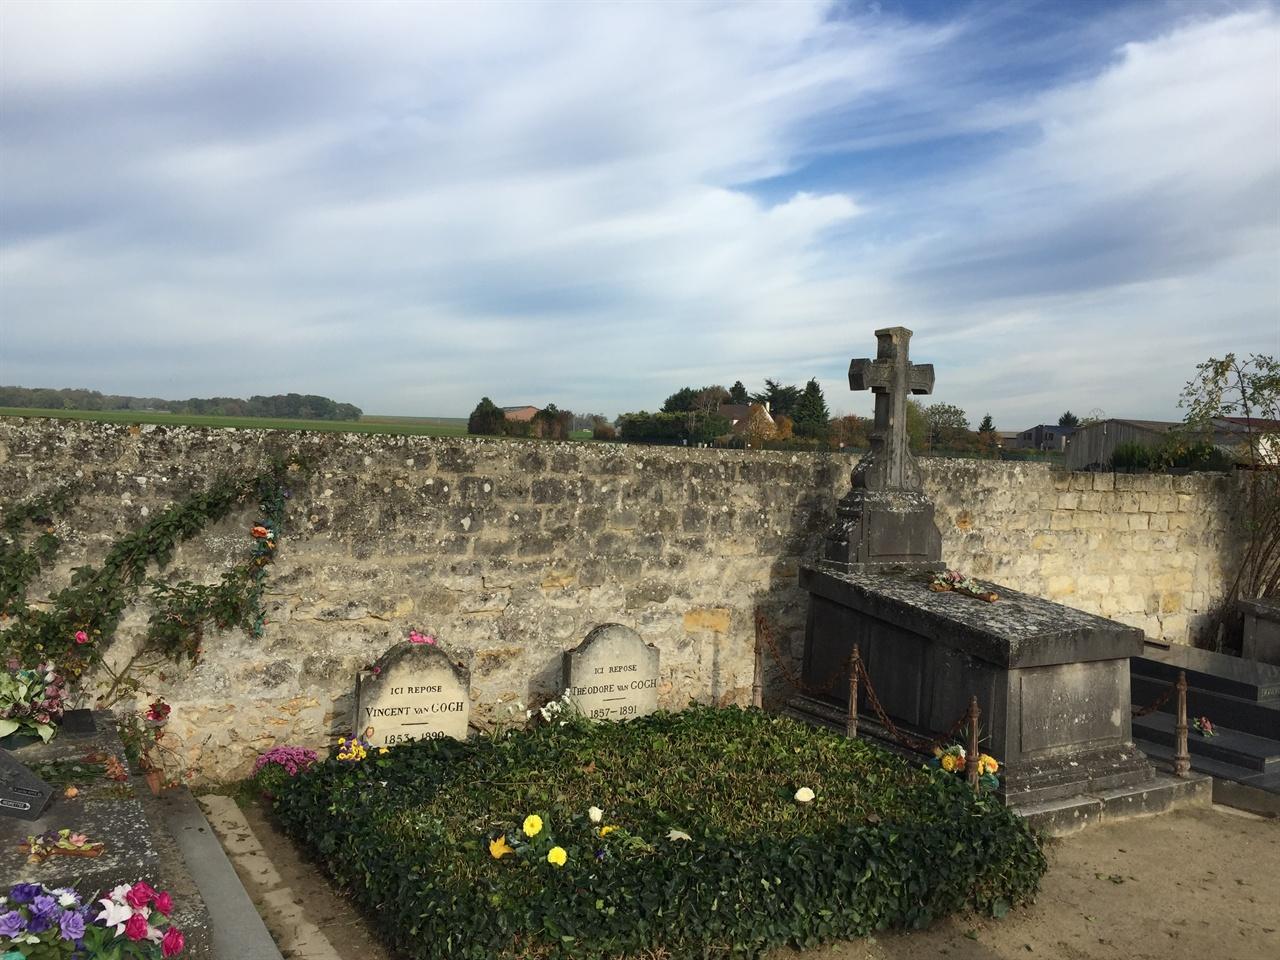 두 사람이었지만, 한 마음이었다.  고흐는 오베르에 묻혔습니다. 동생 테오도 고흐의 옆에 나란히 묻혔어요. 묘지의 담장 너머로 그가 생의 마지막을 맞이했던 오베르의 들판이 보입니다.